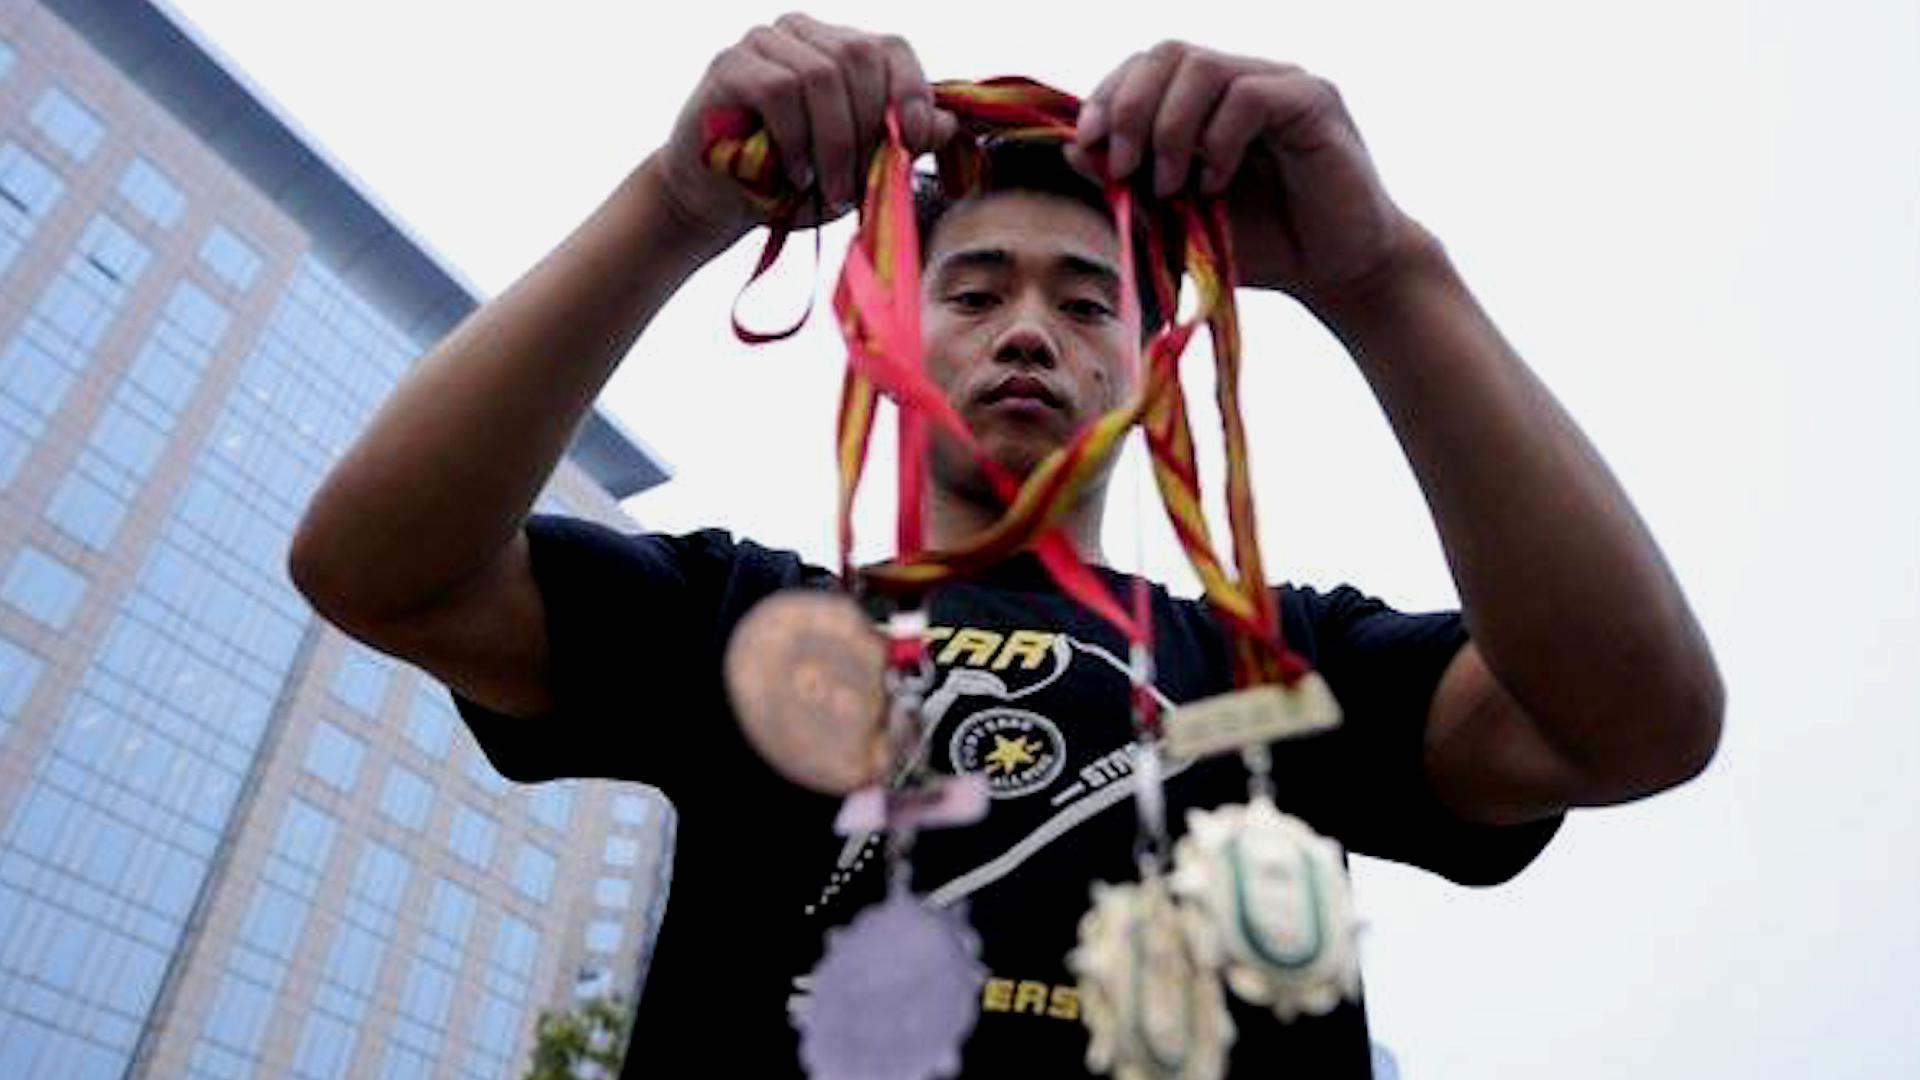 唏嘘!前体操冠军张尚武因偷窃再度入狱,曾150元卖掉大运会金牌